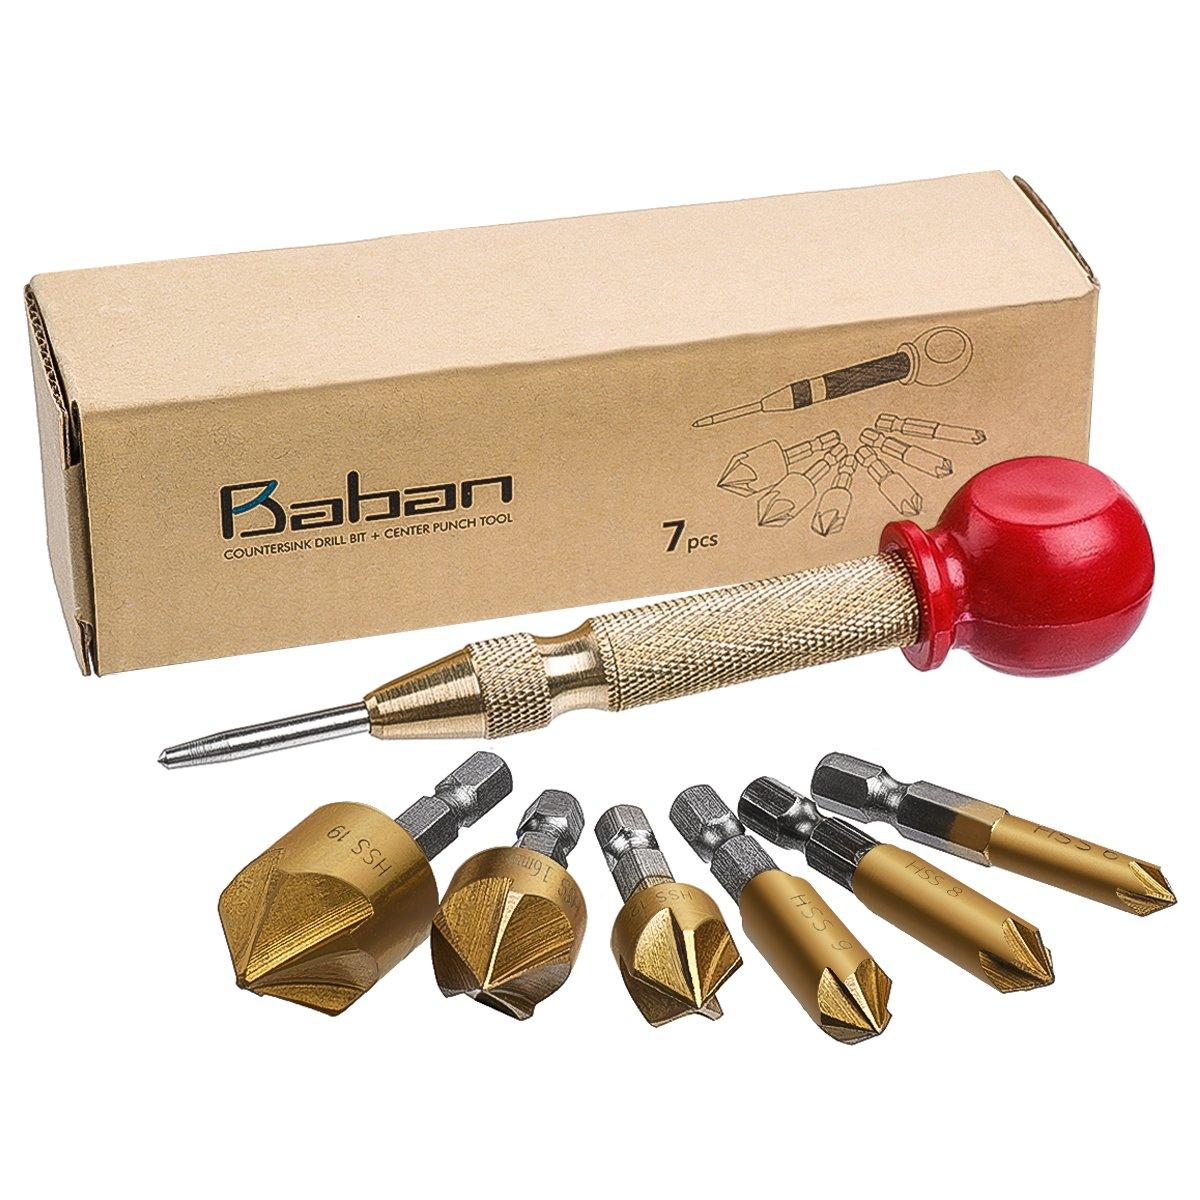 Countersink Drill Bit+Center Punch, Baban Countersink Drill Bit Set 6 Pcs 1/4'' Hex Shank HSS 5 Flute Countersink 90 Degree Center Punch Tool Sets For Wood Quick Change Bit 6mm-19mm